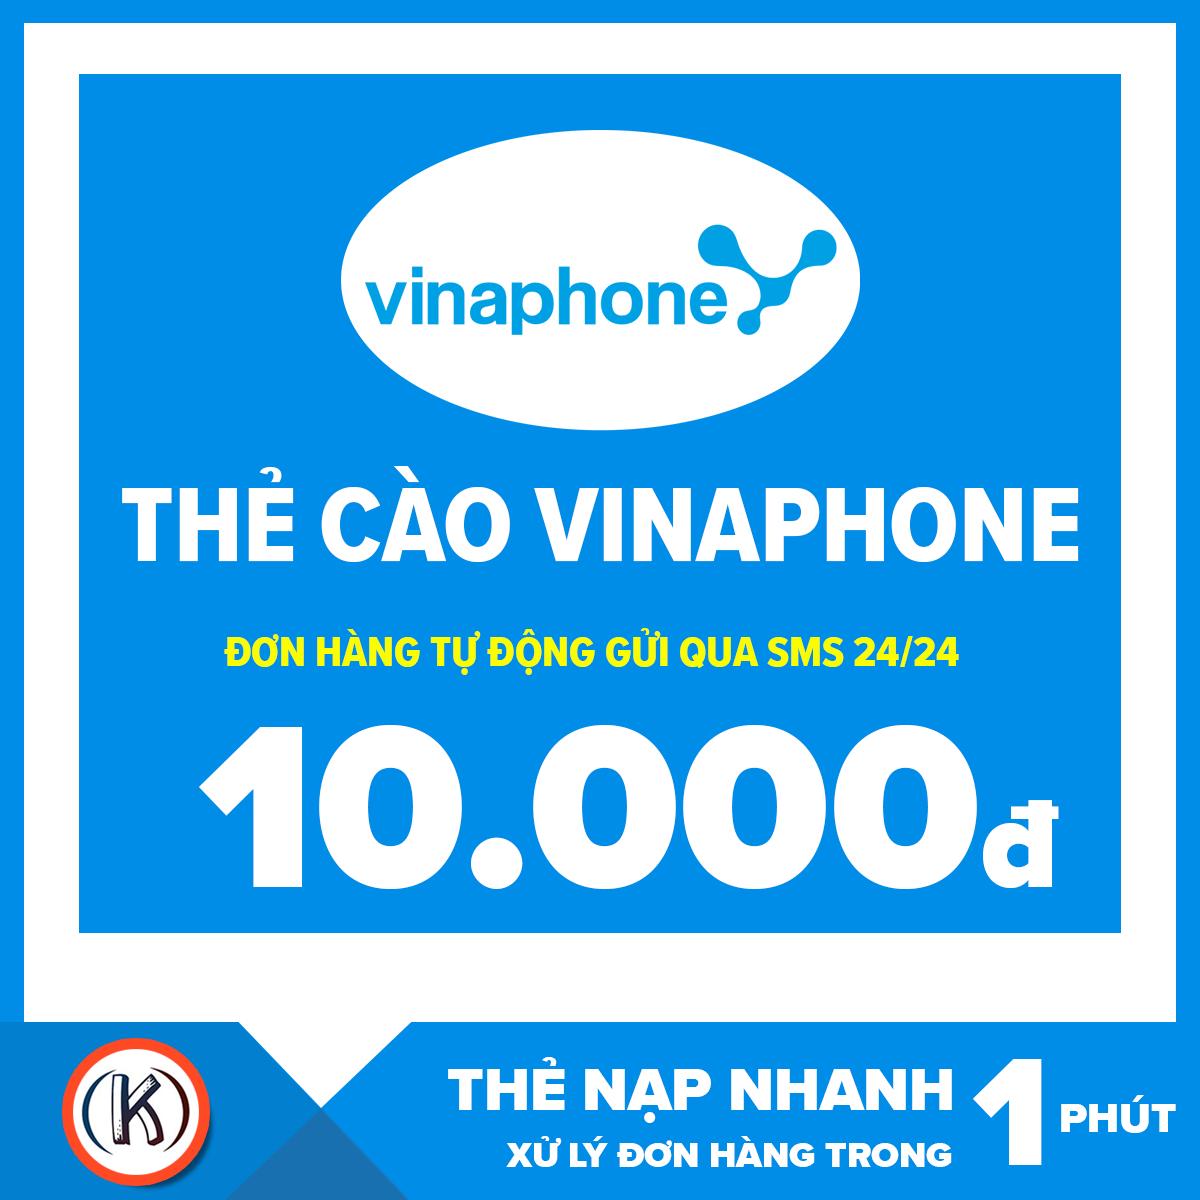 [HCM]Thẻ cào vinaphone 10.000đ (Đơn hàng tự động gửi qua Email 24/24)